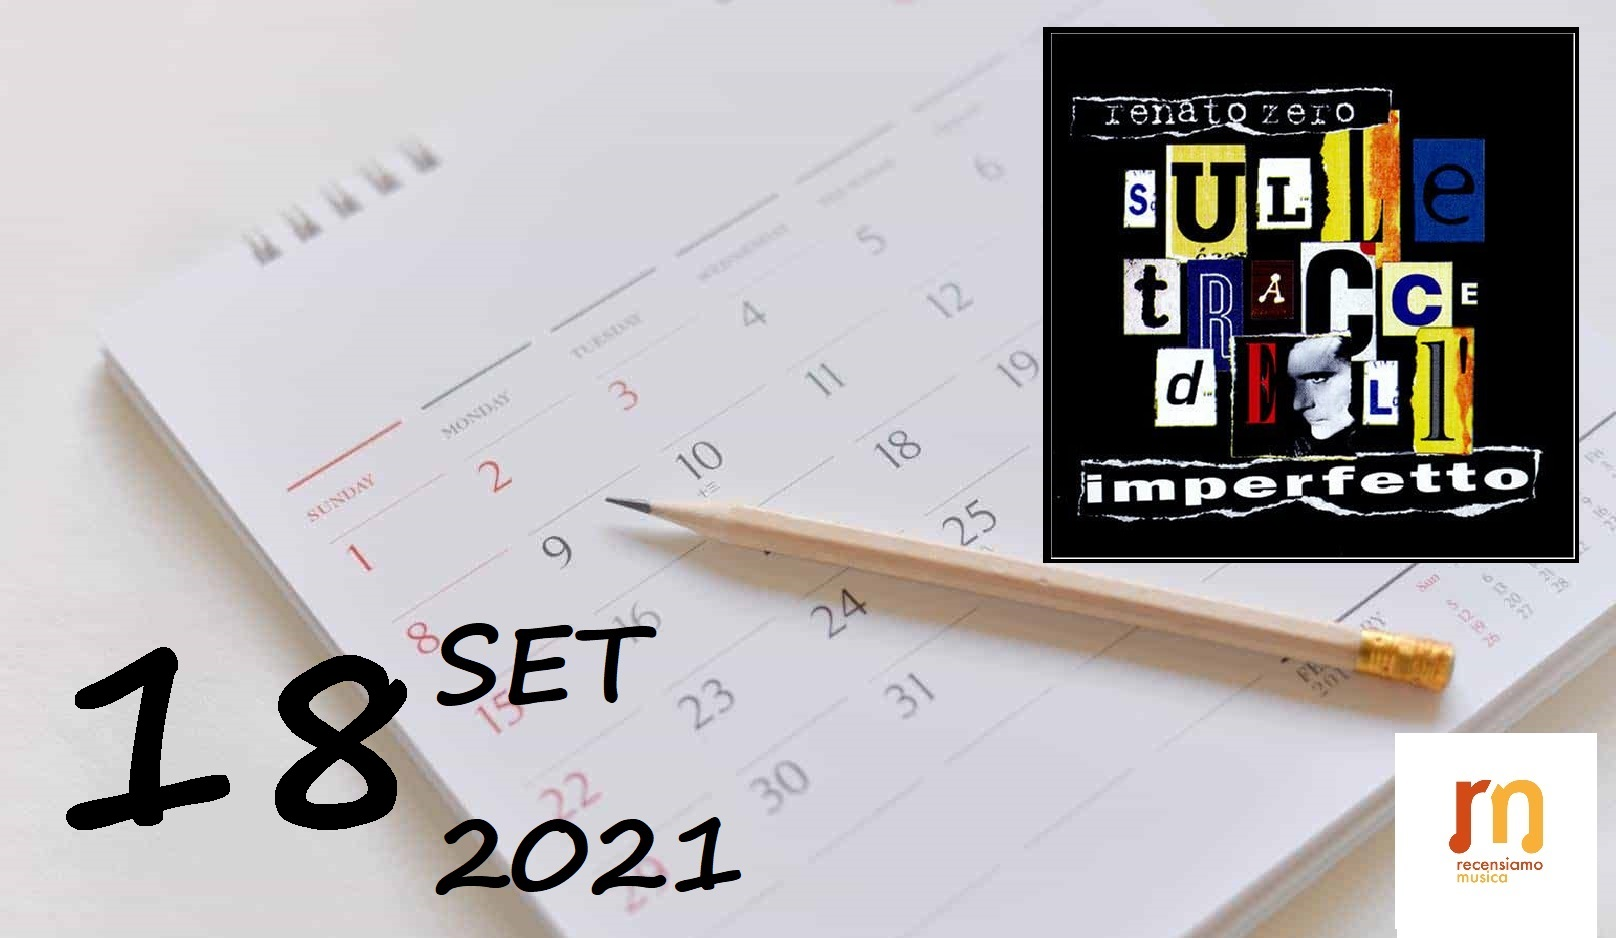 18 settembre